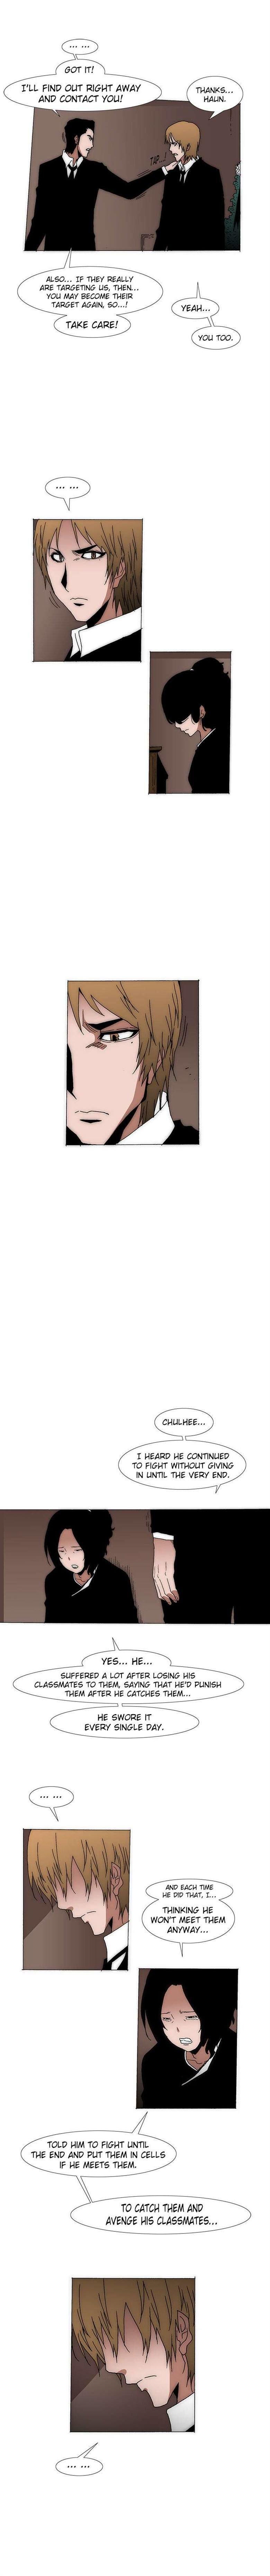 Manga Crayon Days: Daikirai na Aitsu - Chapter 29 Page 3